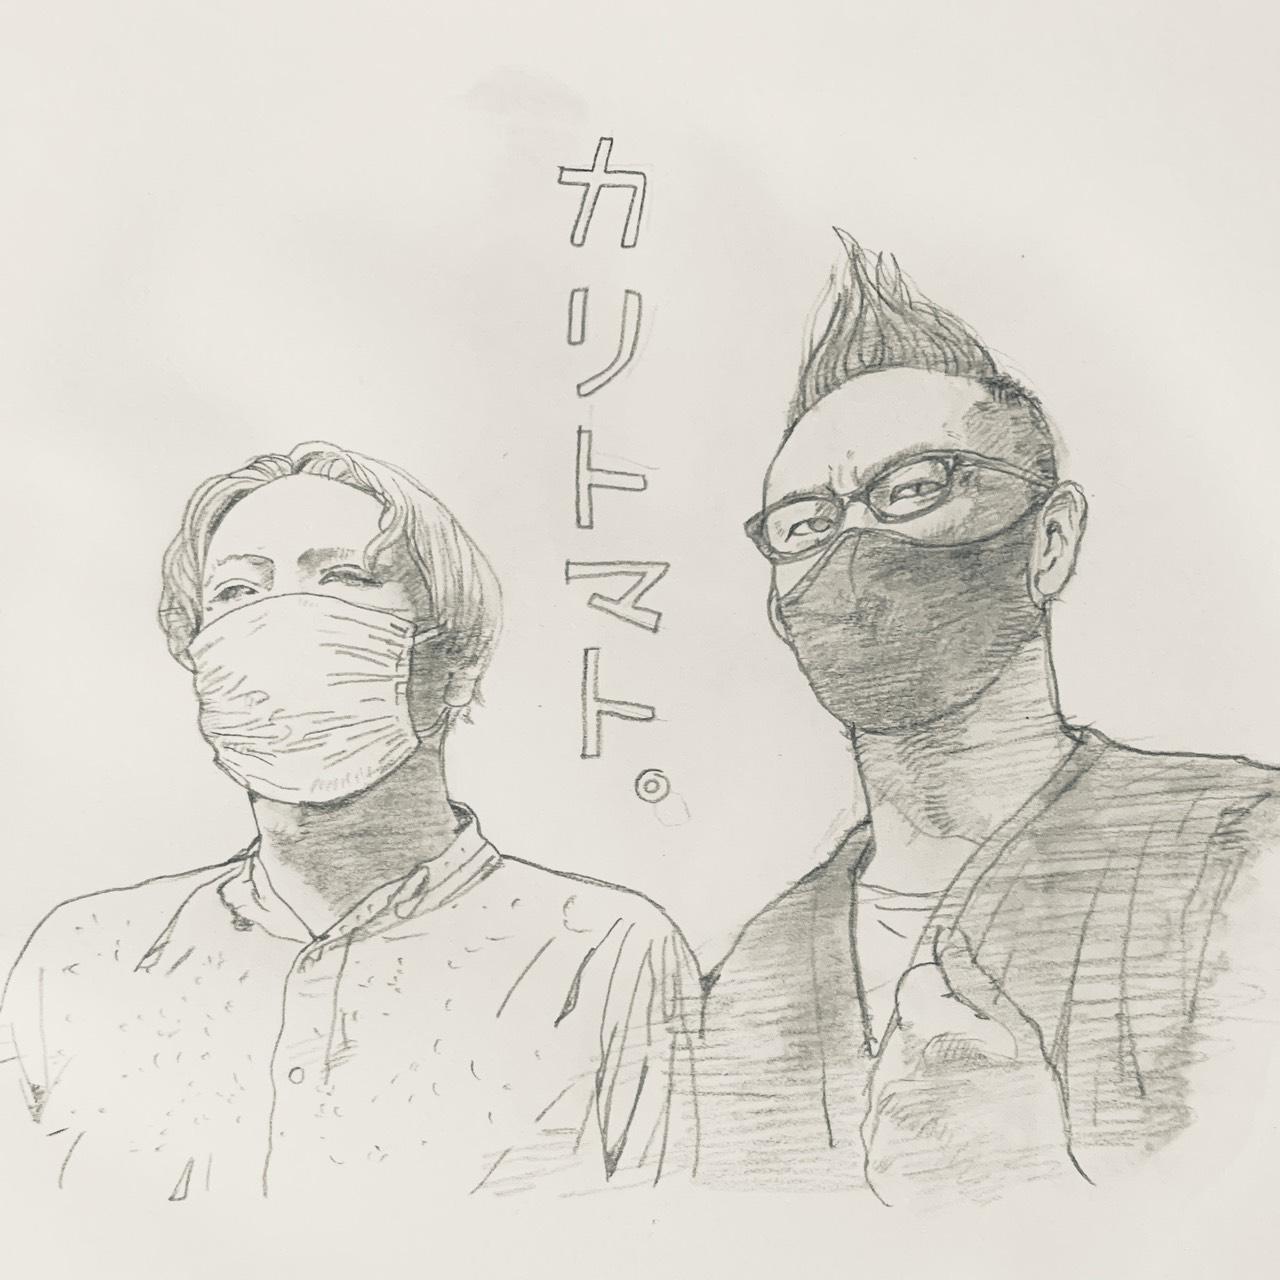 「9/4(土) 5(日)【accordion duo カリトマト】二日連続演奏会!配信ライブ」のアイキャッチ画像